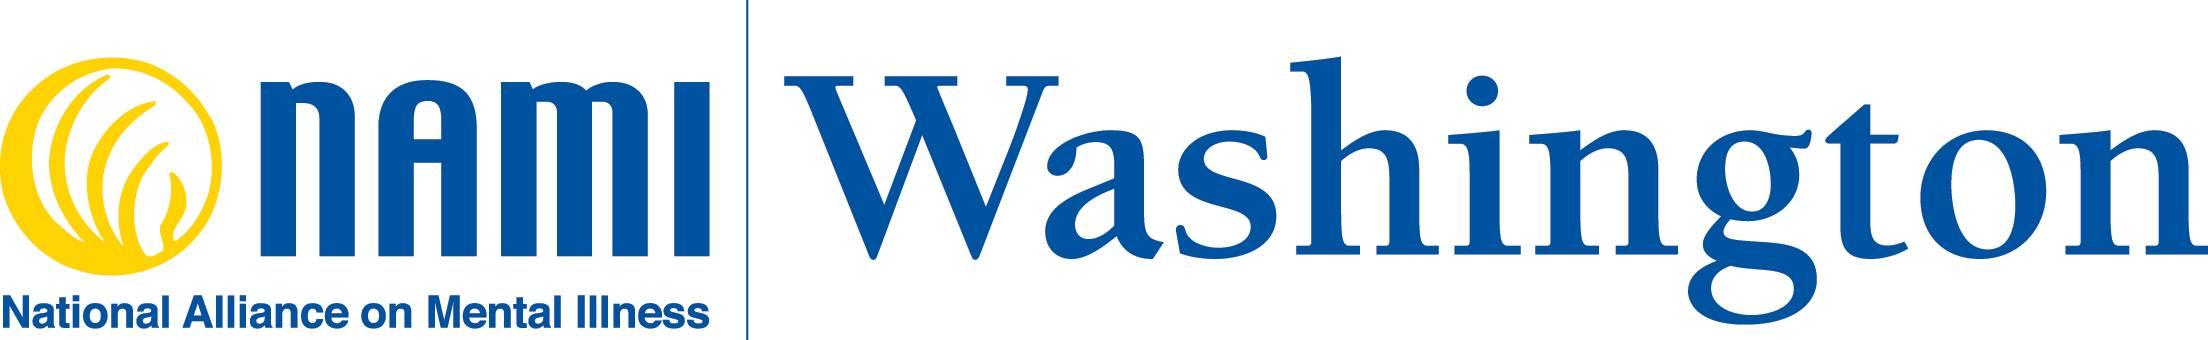 Logo of National Alliance on Mental Illness of Washington